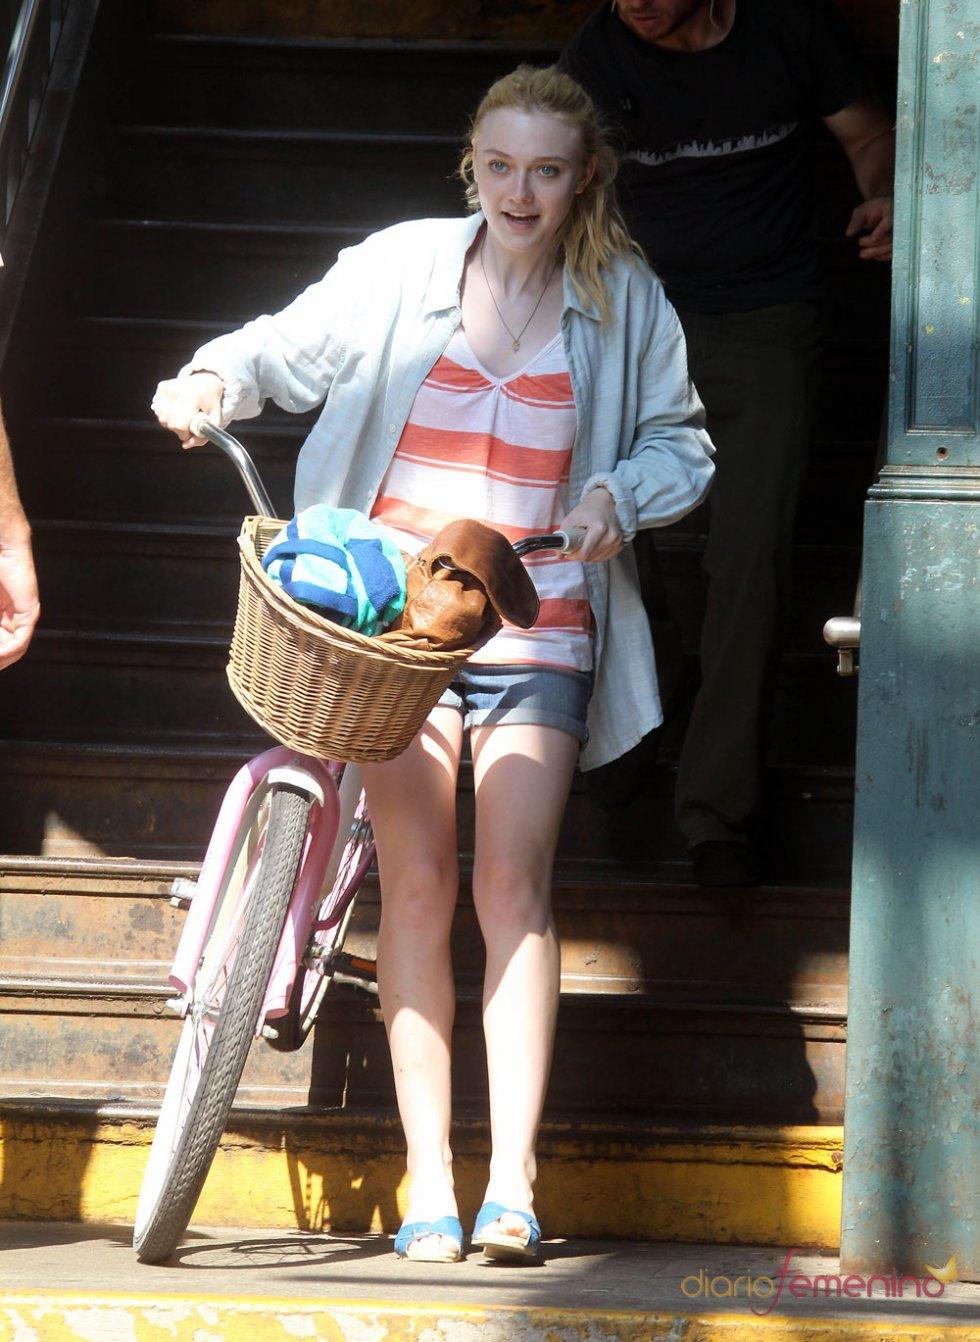 Dakota Fanning en bici durante la grabación de su película 'Very Good Girls'